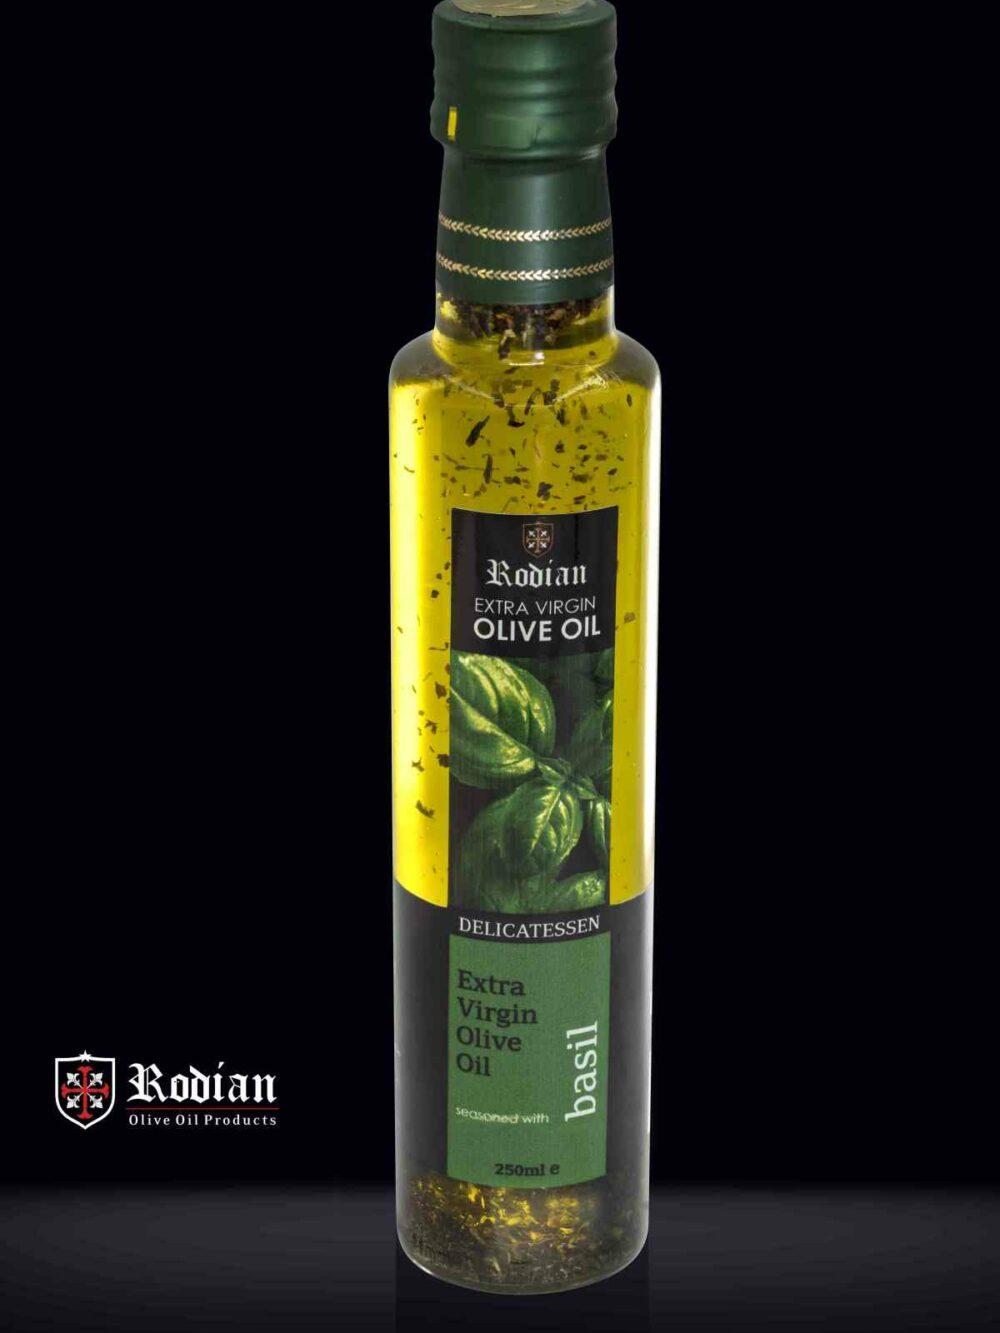 DELI basil olive oil 250 ml black